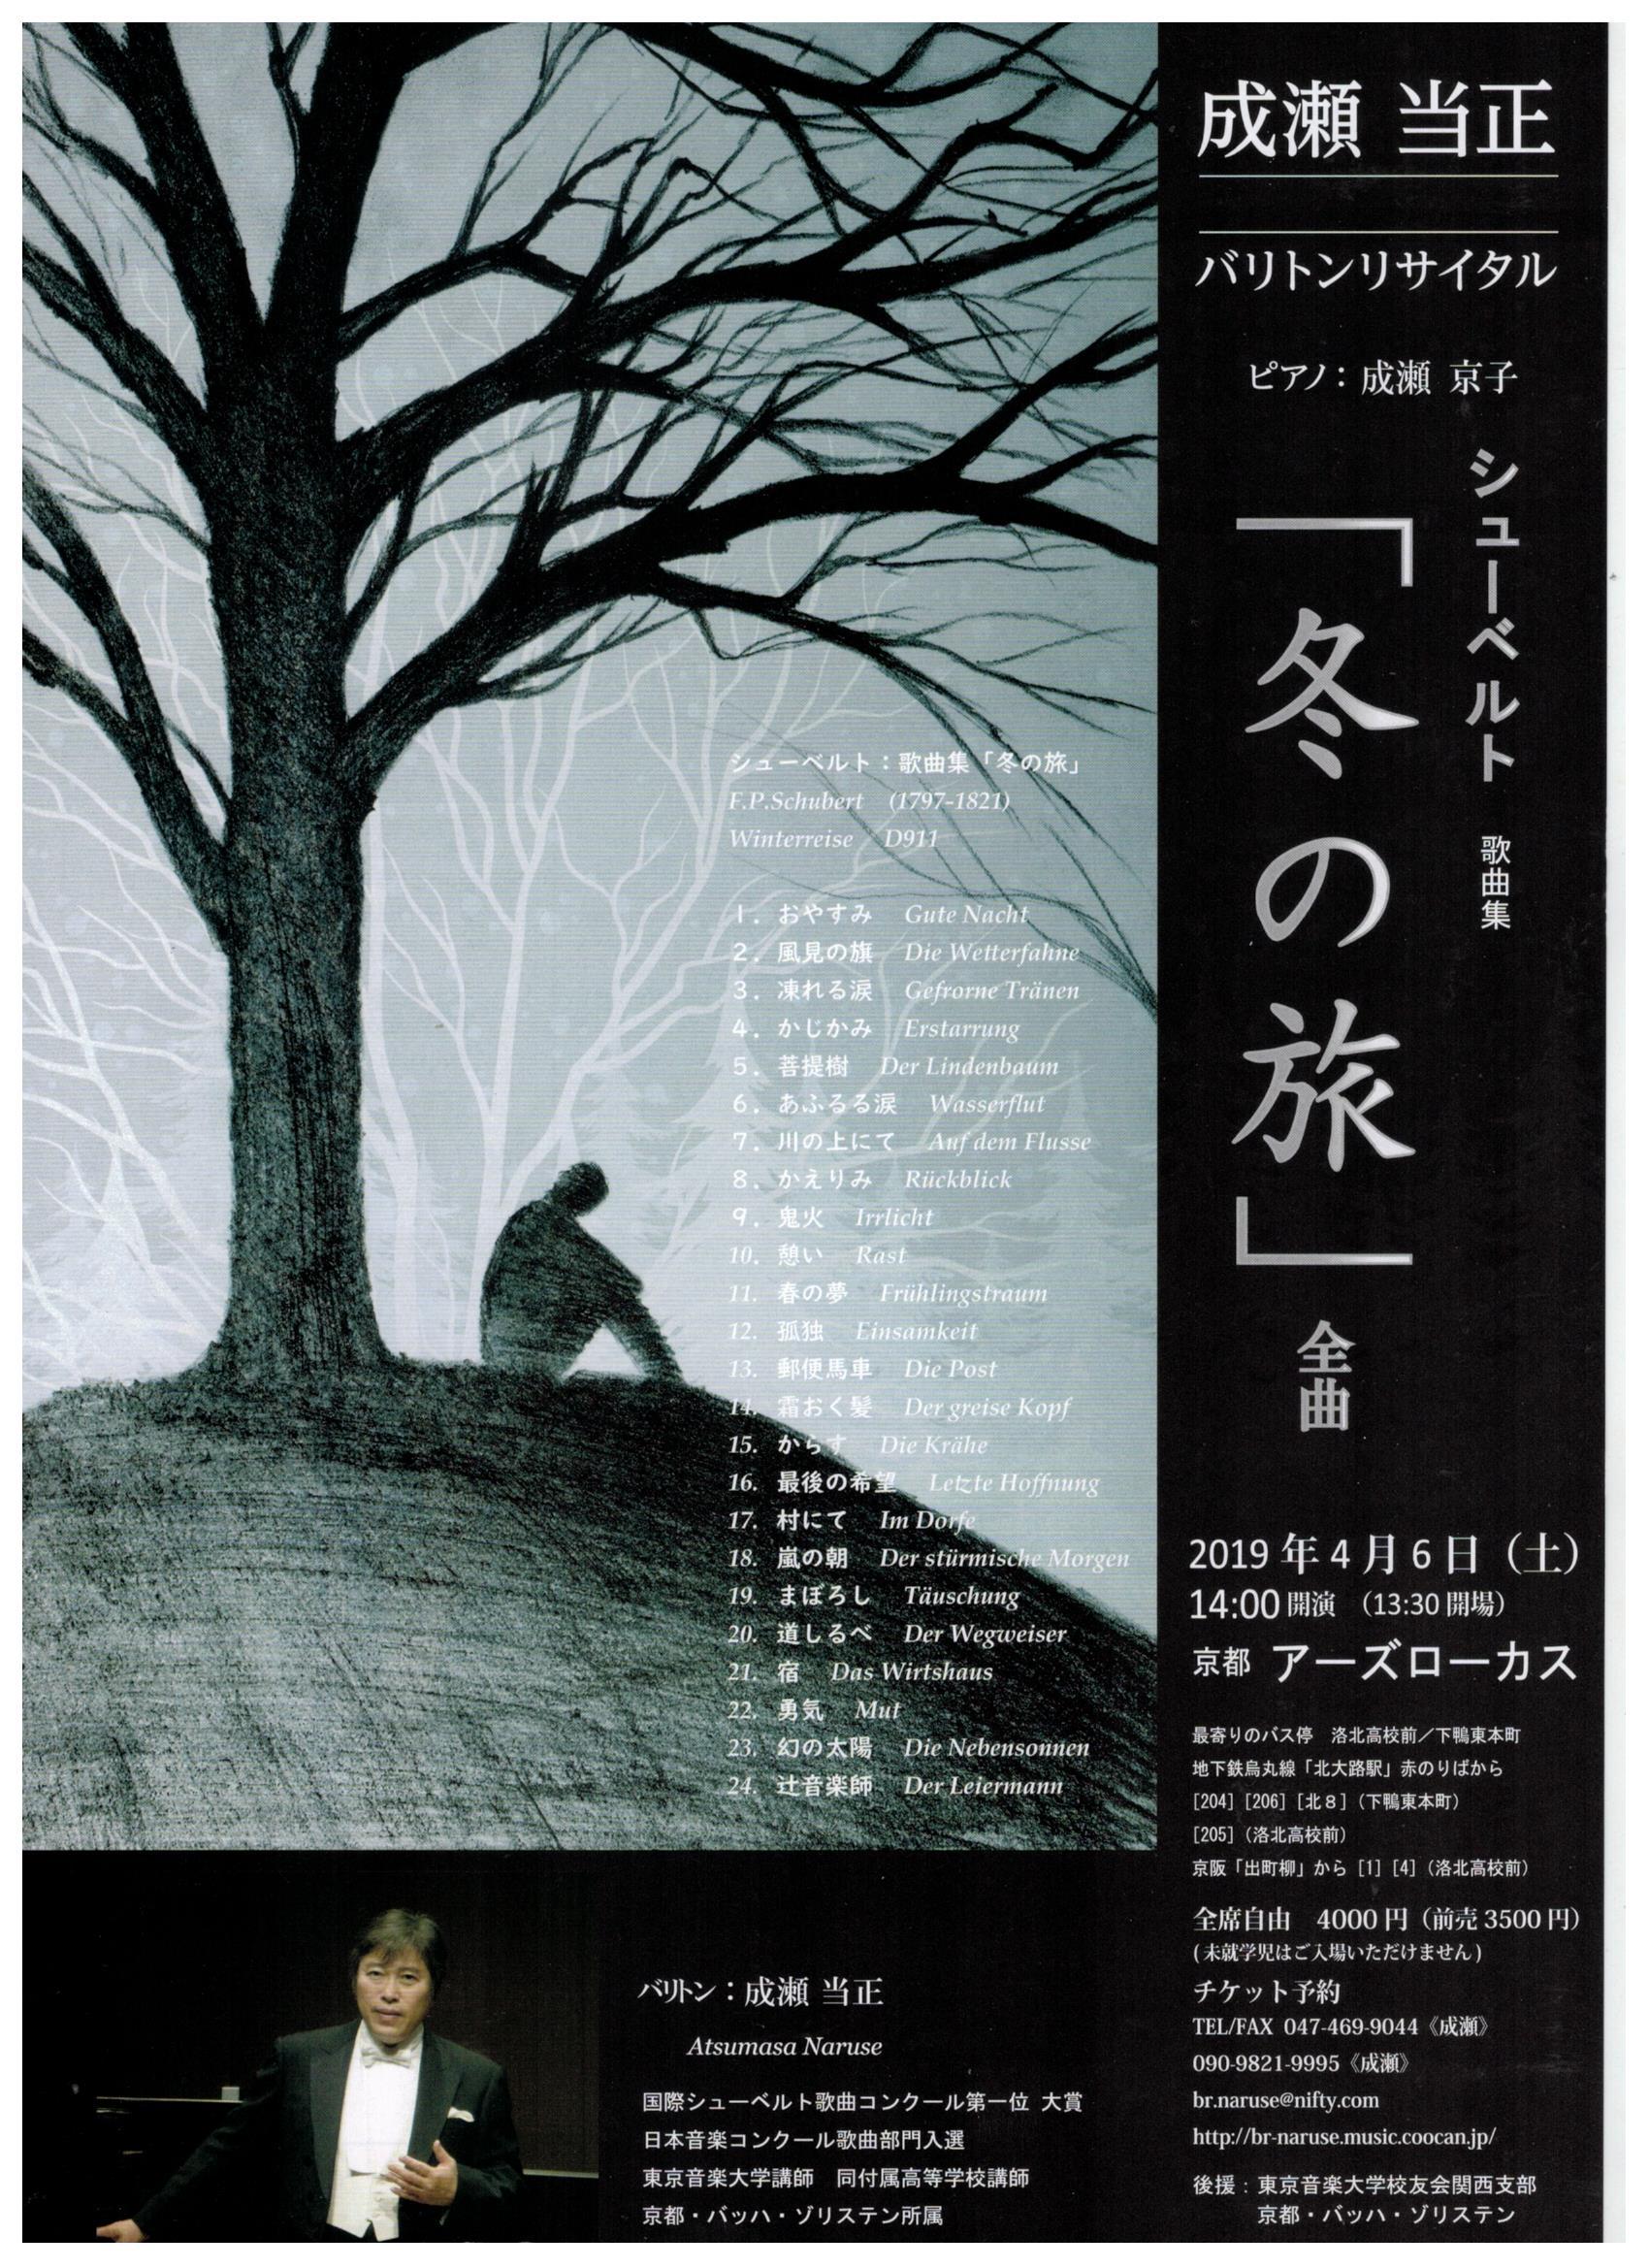 成瀬当正 バリトンリサイタルのお知らせ 4/6